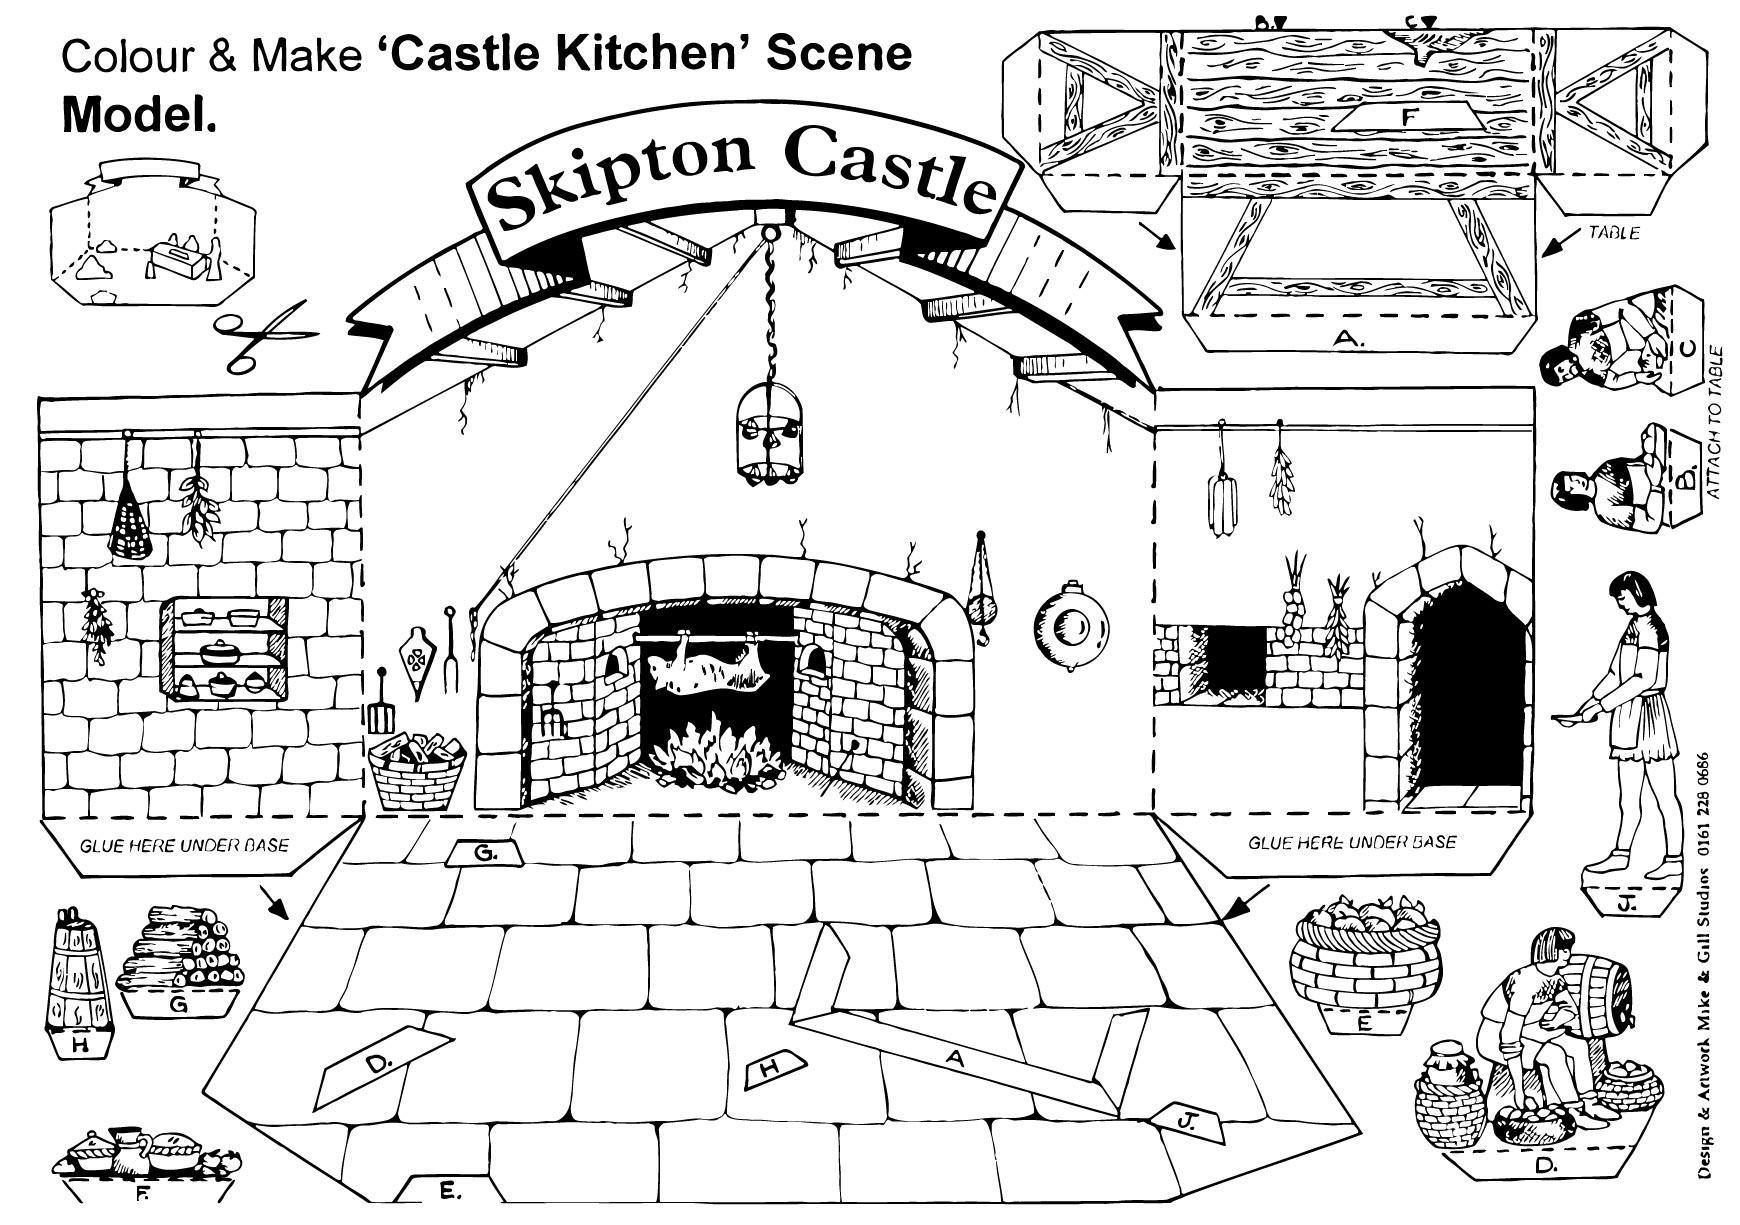 Disegno da colorare cucina del castello Skipton - Cat. 14905.